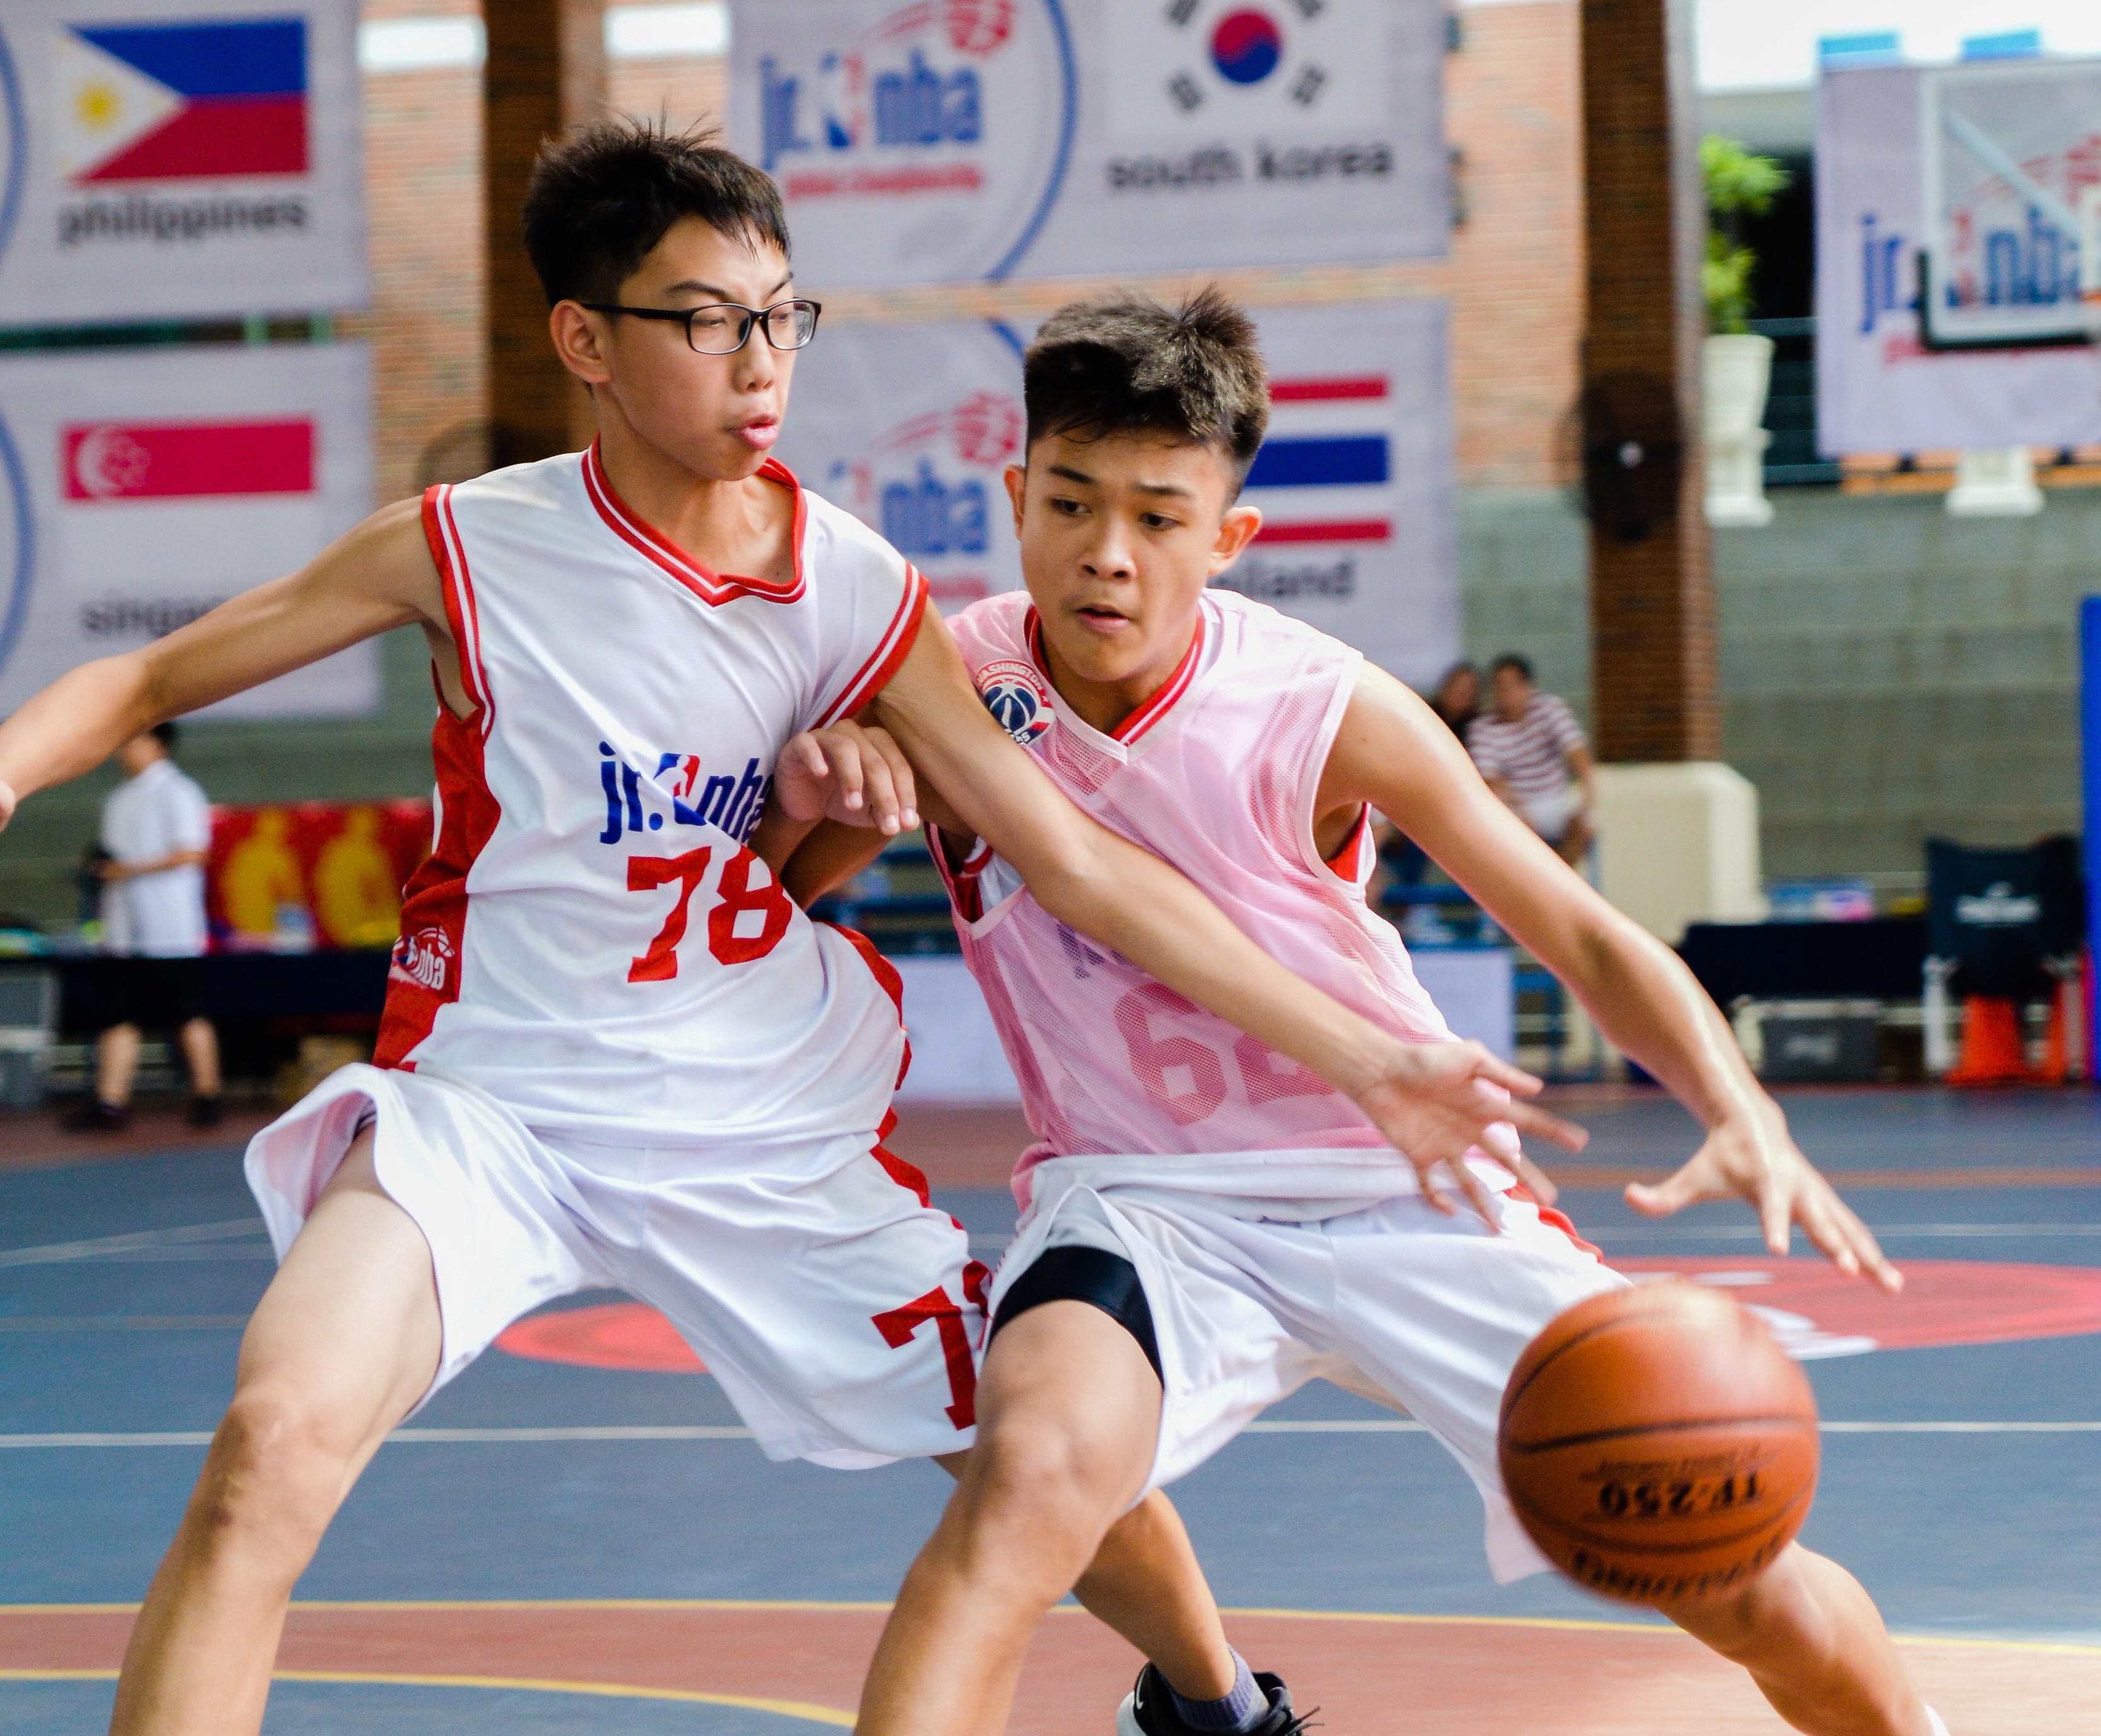 Hội trại tuyển chọn Jr.NBA khu vực Châu Á Thái Bình Dương)